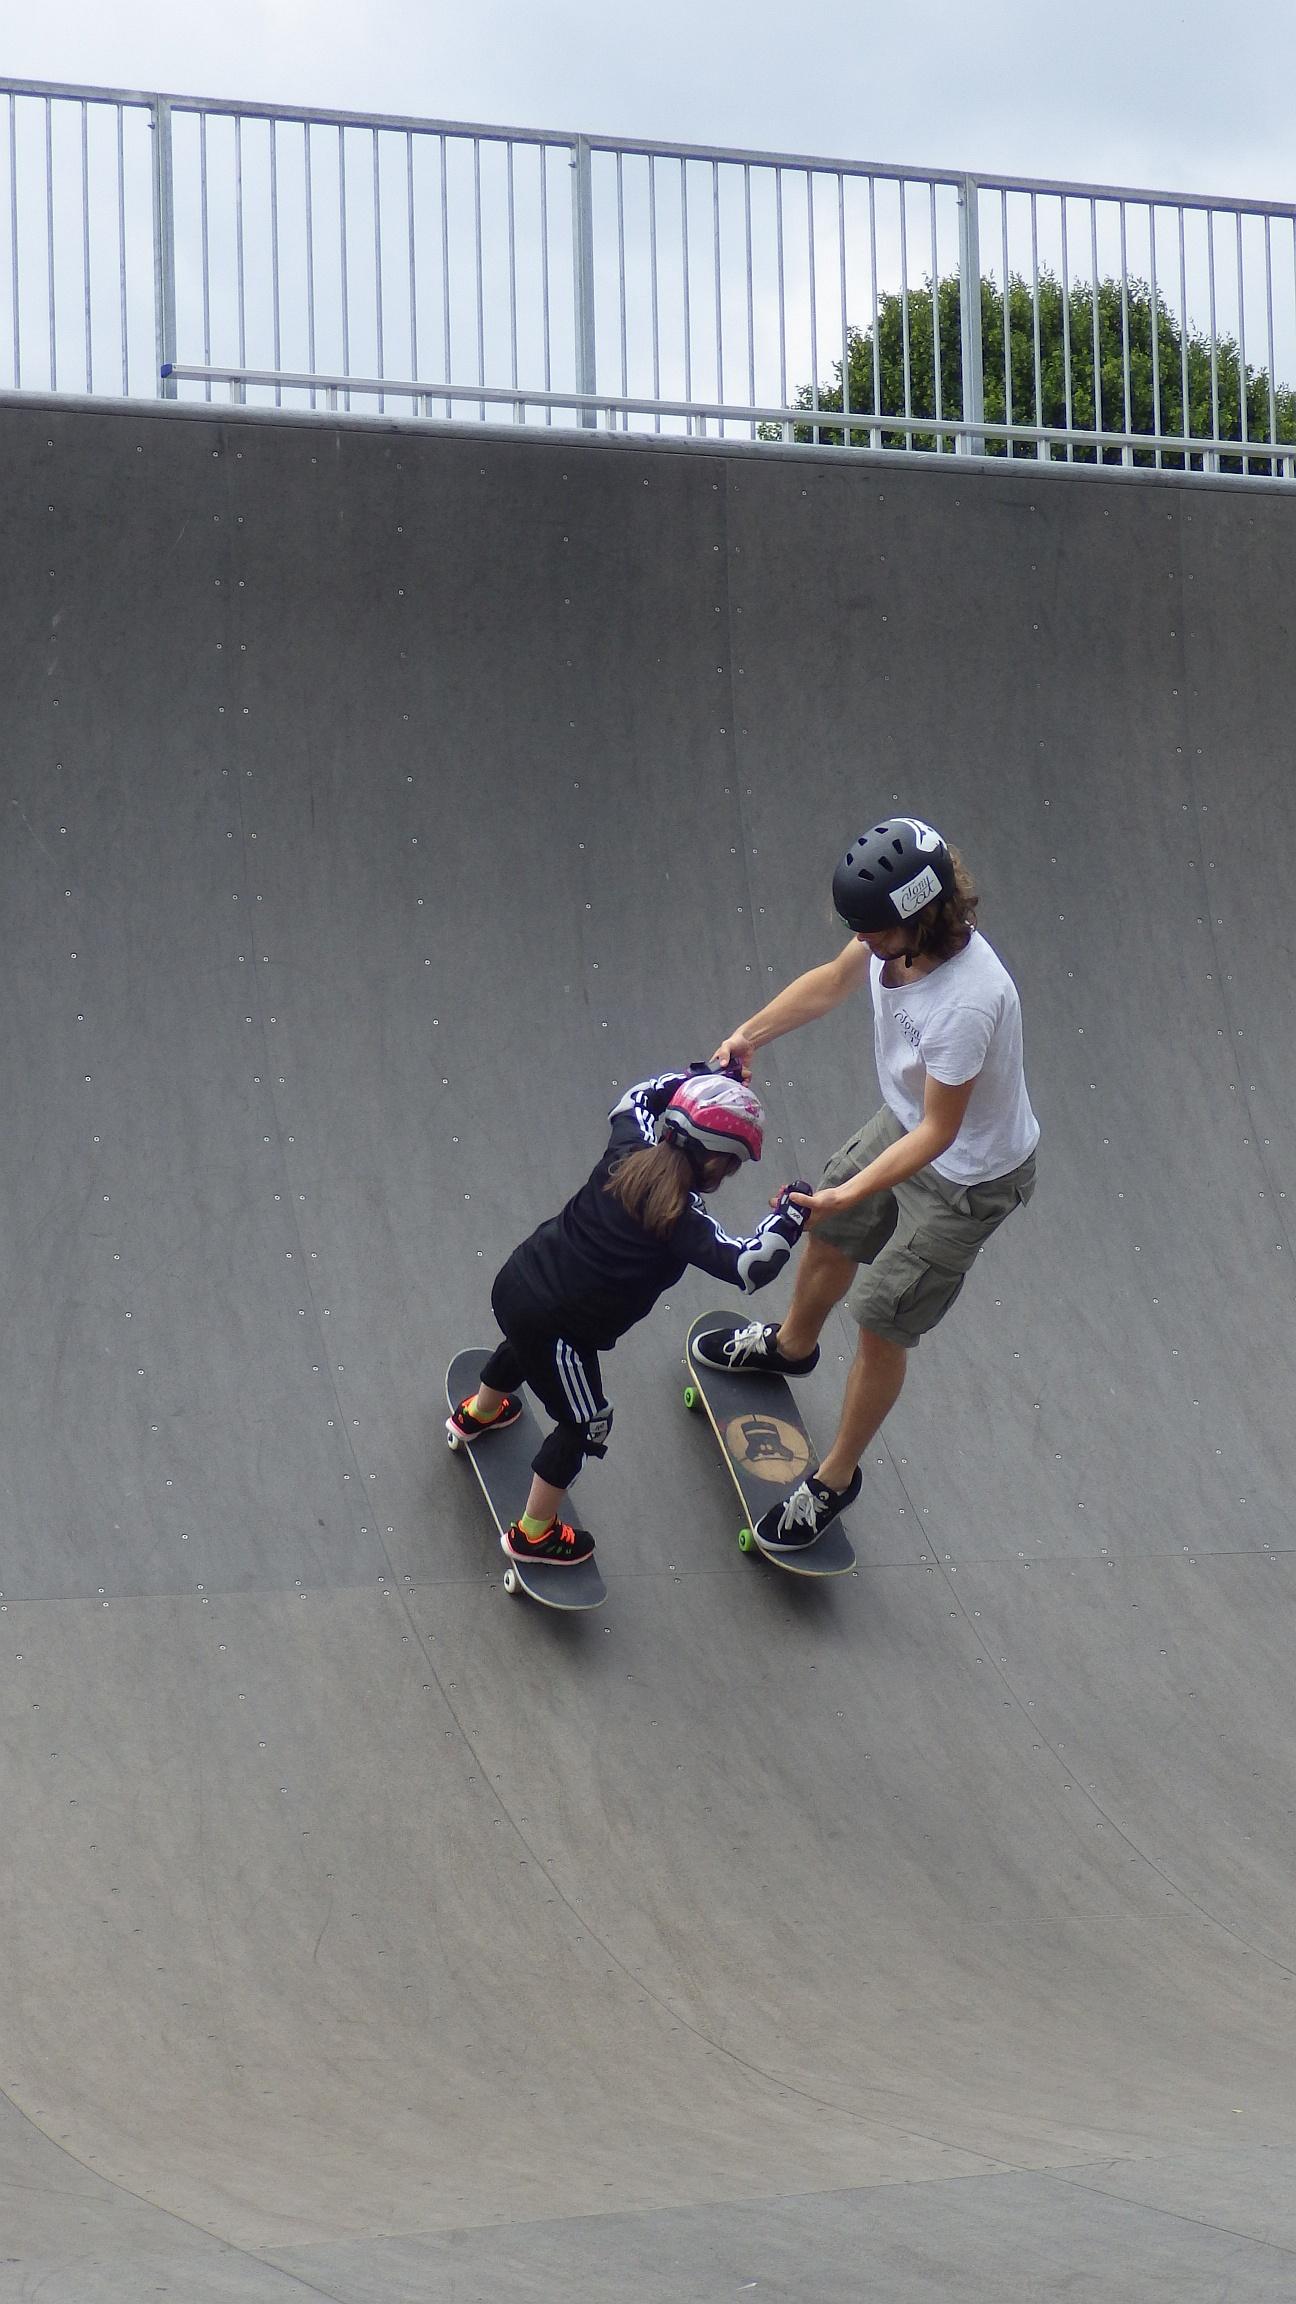 Skatekurs Pullach Skatepark München Skateworkshop TomCatSkate.com SKAT.JPG